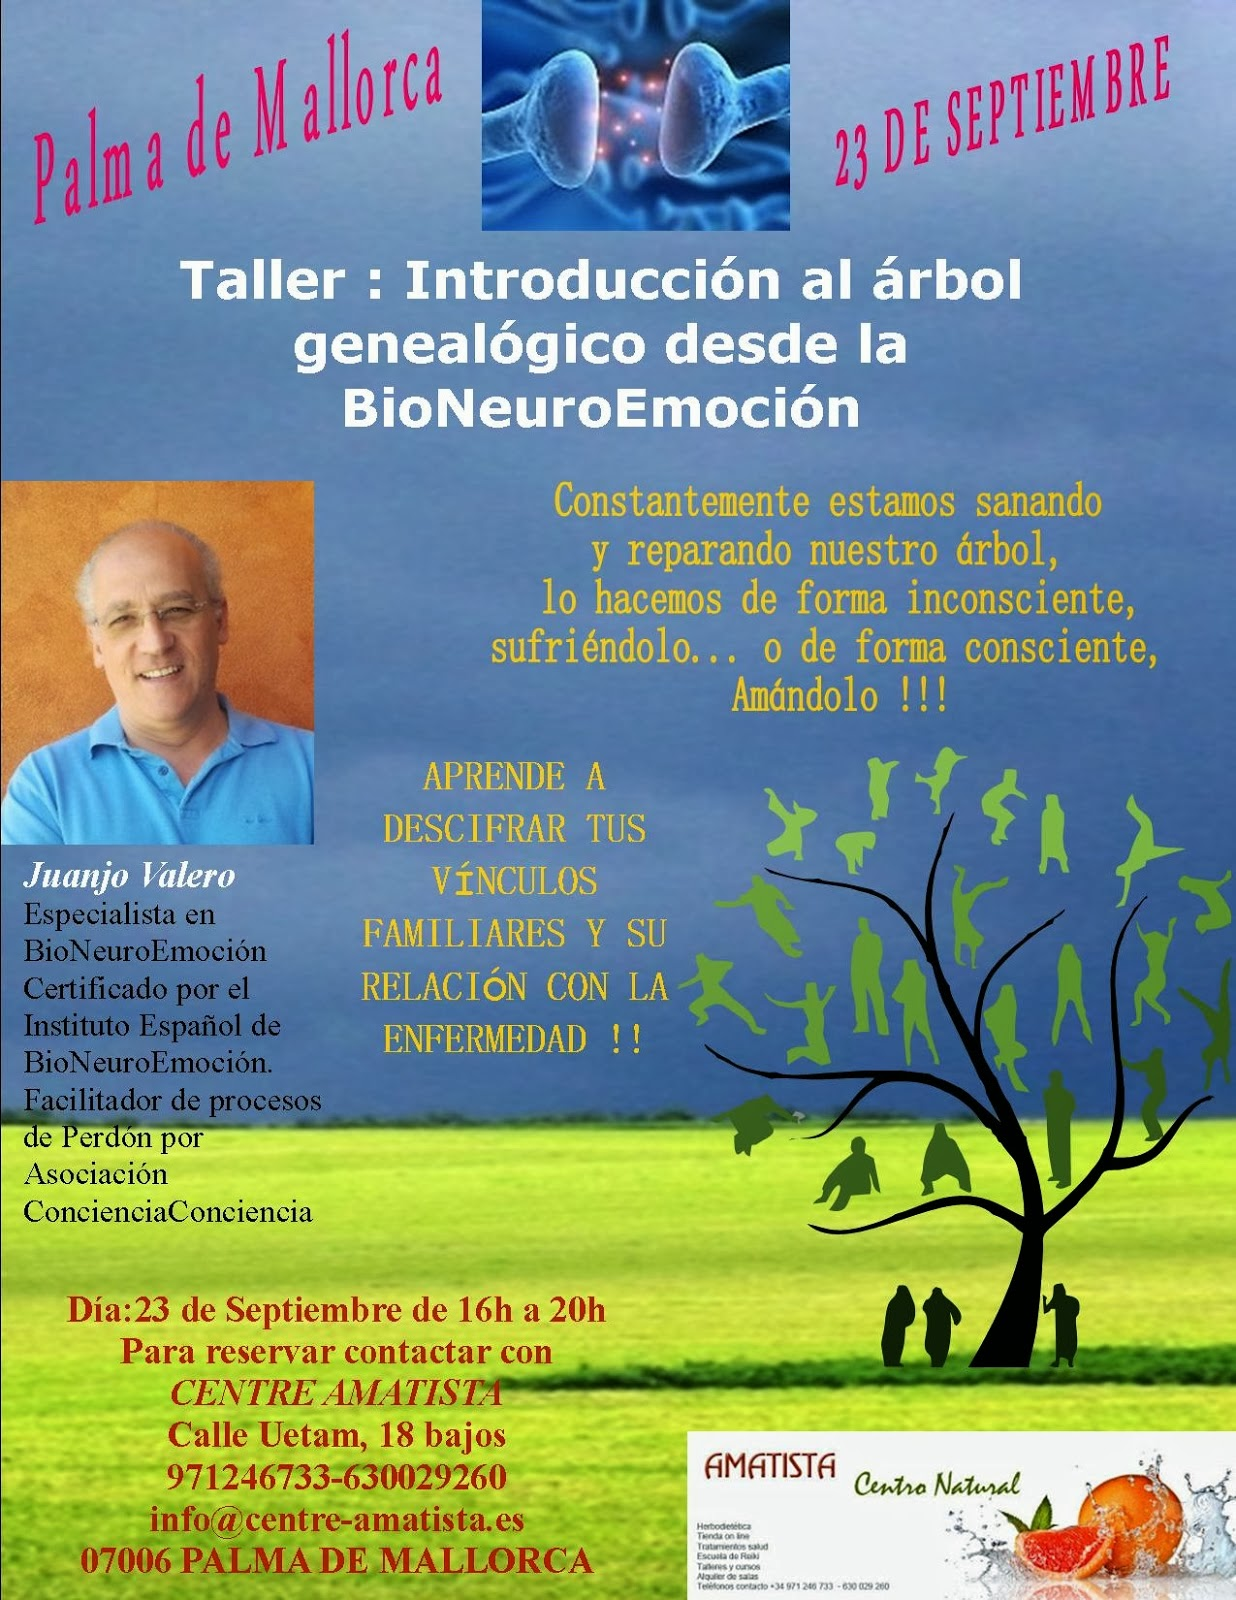 Taller Introducción al Árbol desde la BioNeuroEmoción en Palma de Mallorca